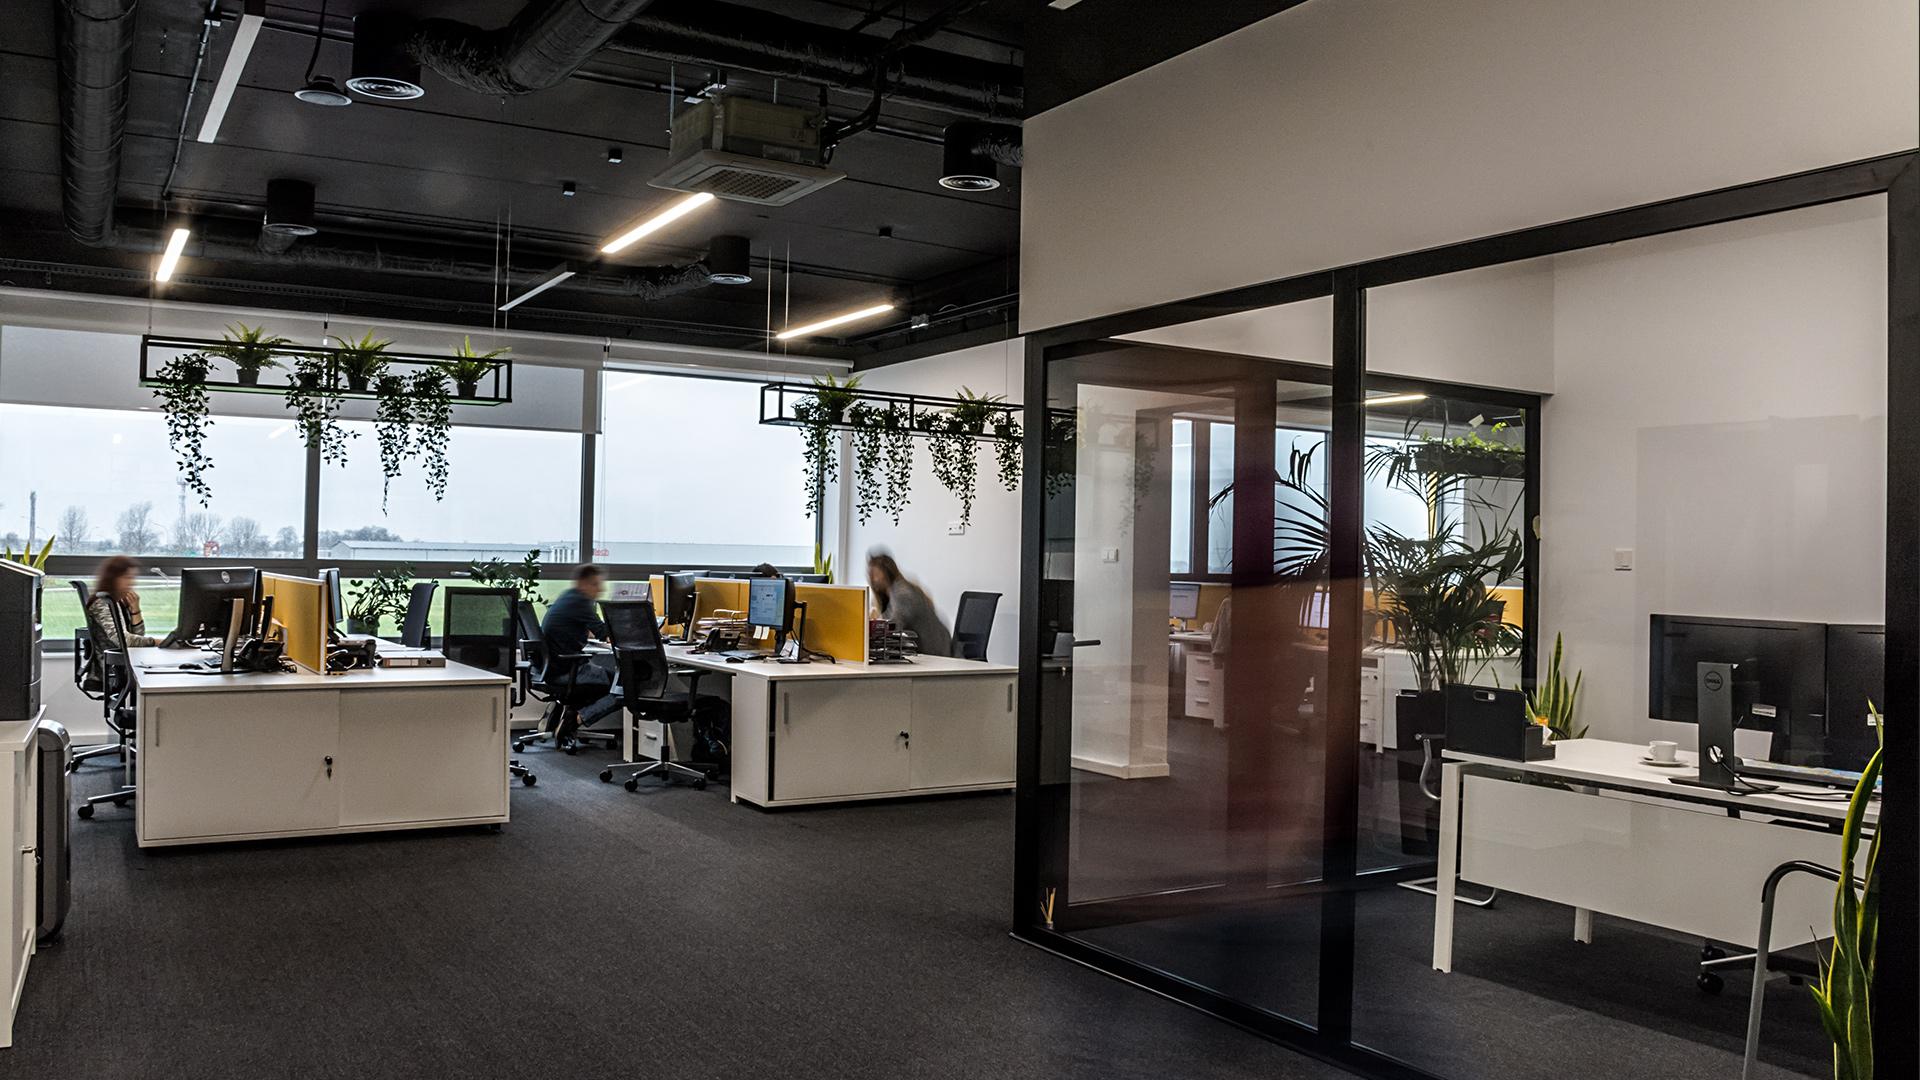 Wszystkie pomieszczenia w biurowcu utrzymane są w stylu industrialnym – sufity nie zostały zabudowane. Wszystkie elementy konstrukcyjne oraz instalacje powyżej wysokości 3 metrów są pomalowane na czarno. Duża ilość zieleni sprawia, że tak zaplanowana przestrzeń zyskuje przytulny wymiar.